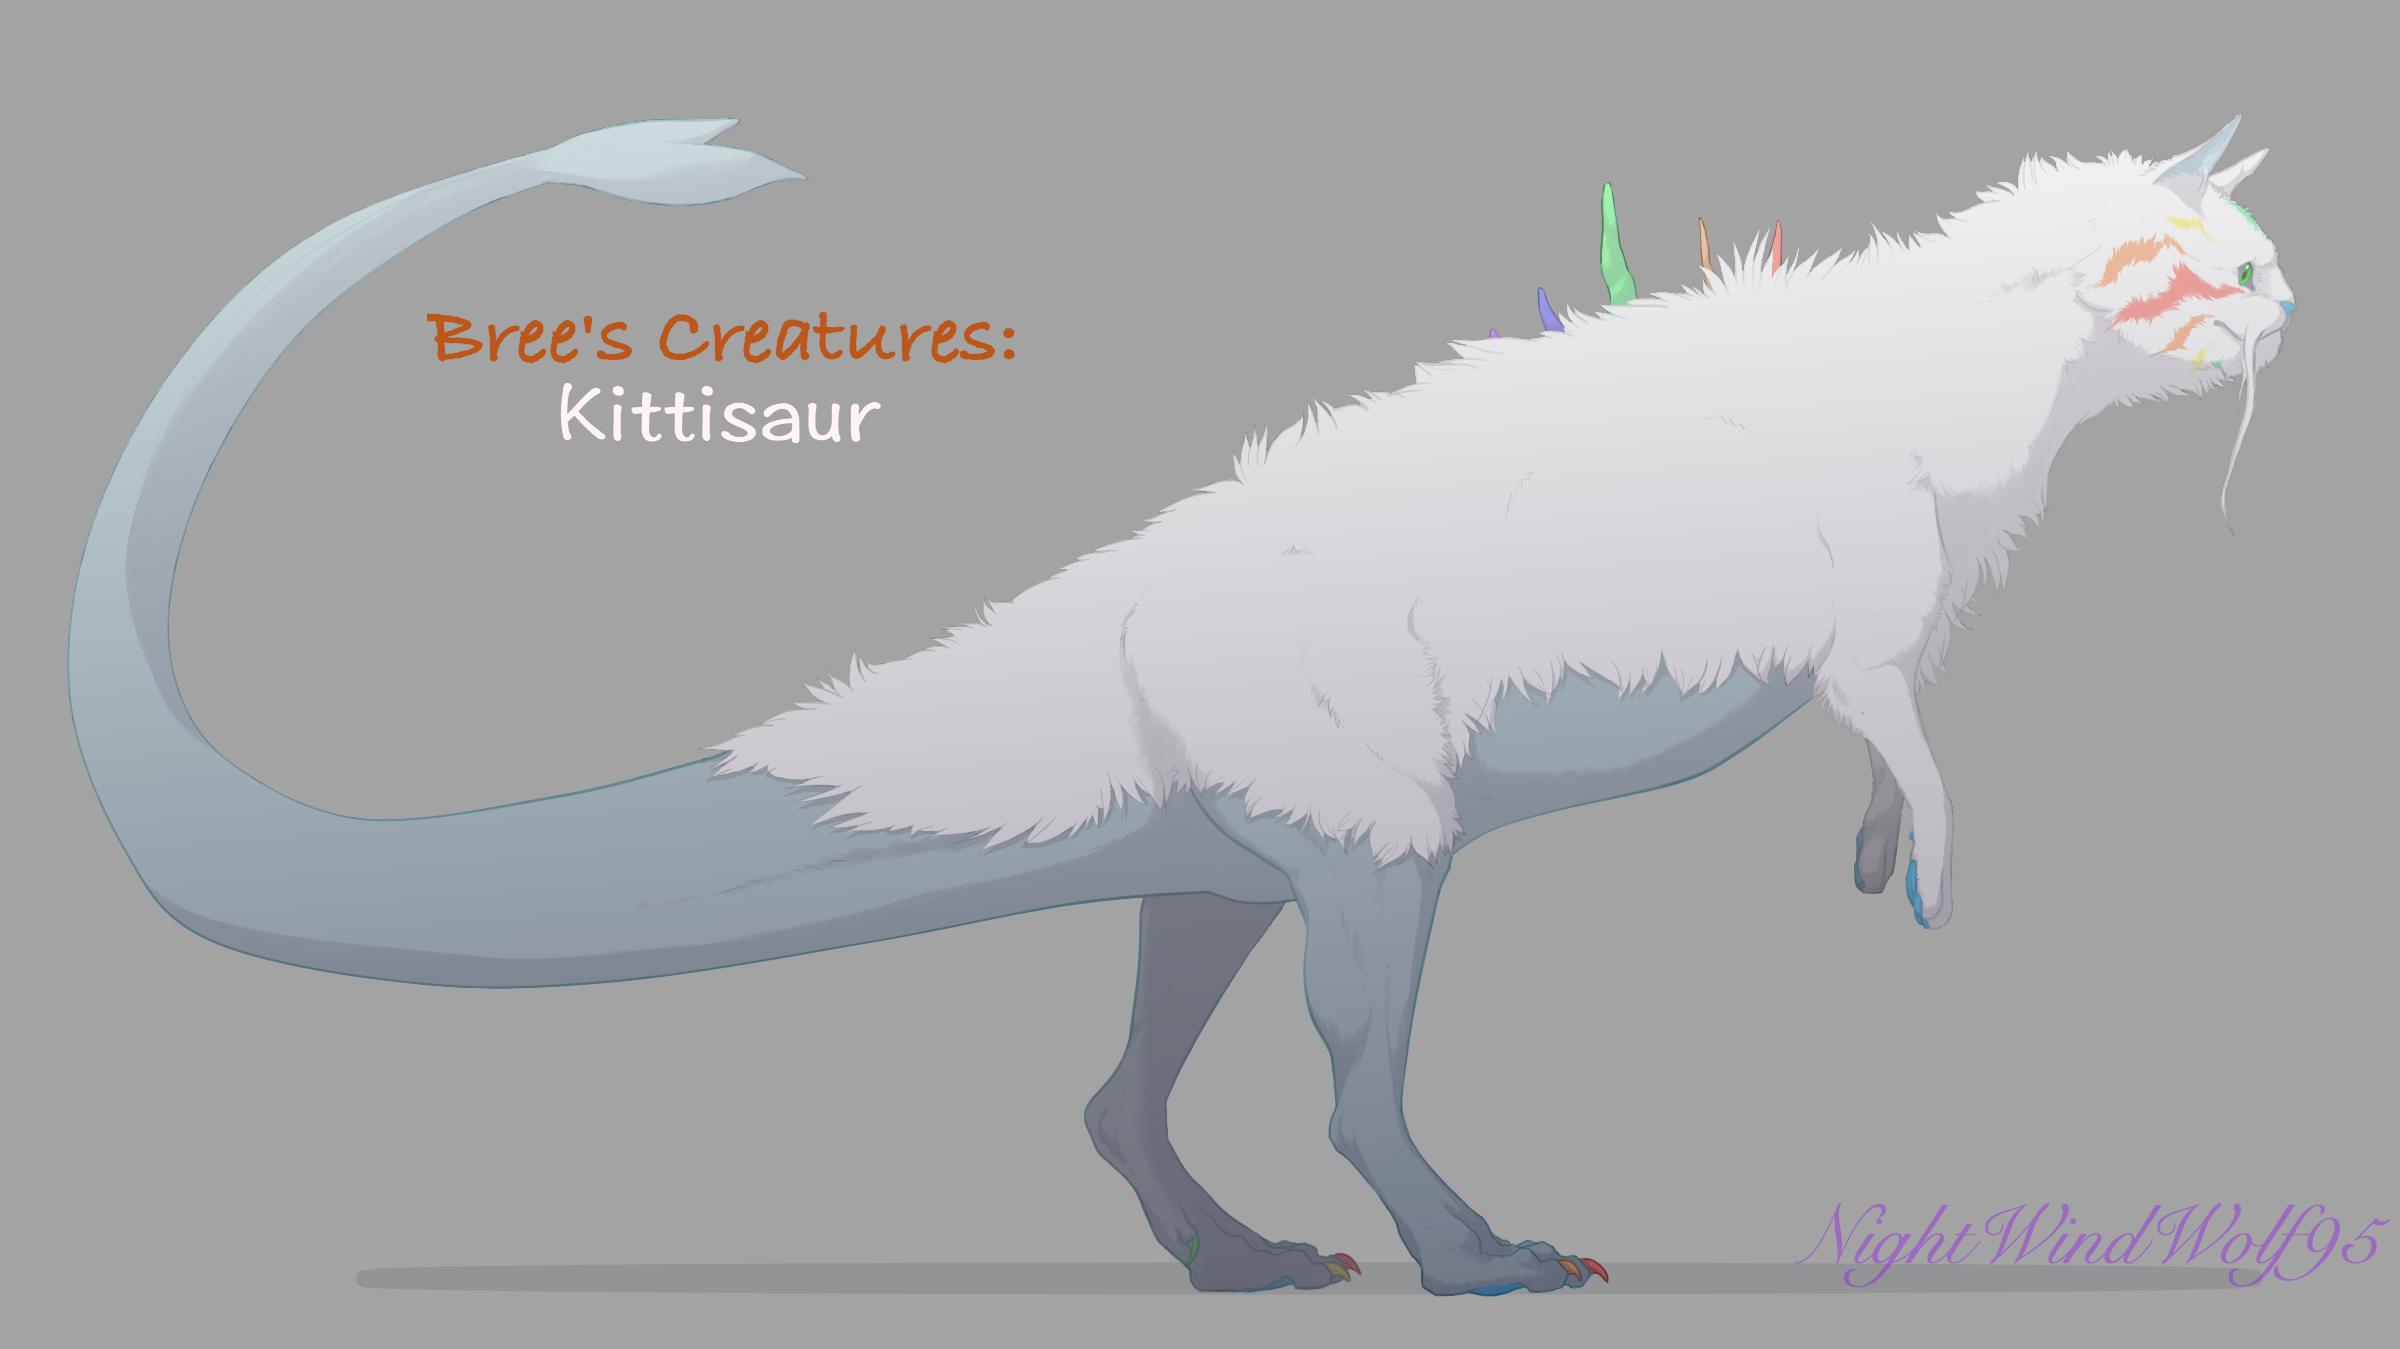 Bree's Creatures: Kittisaur(Female) by nightwindwolf95